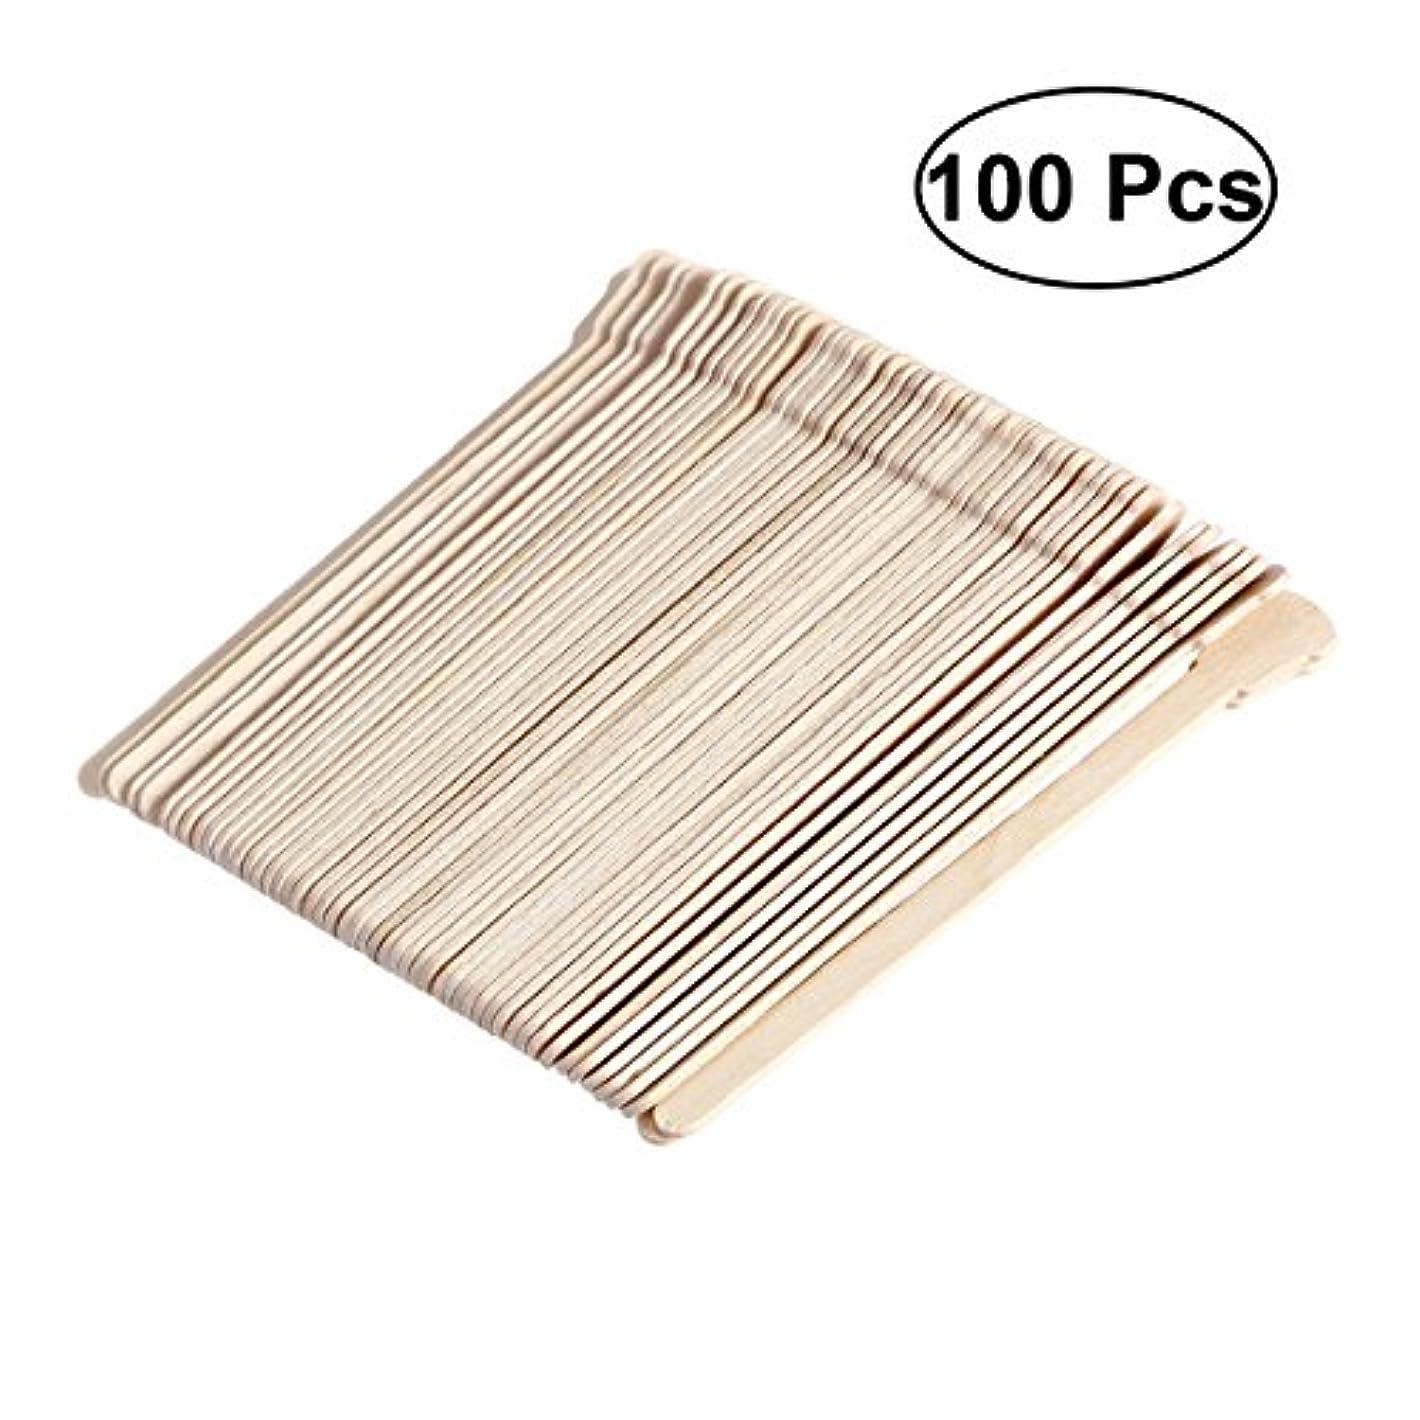 前文栄光専門用語SUPVOX 100ピース木製ワックススティックフェイス眉毛ワックスへら脱毛(オリジナル木製色)